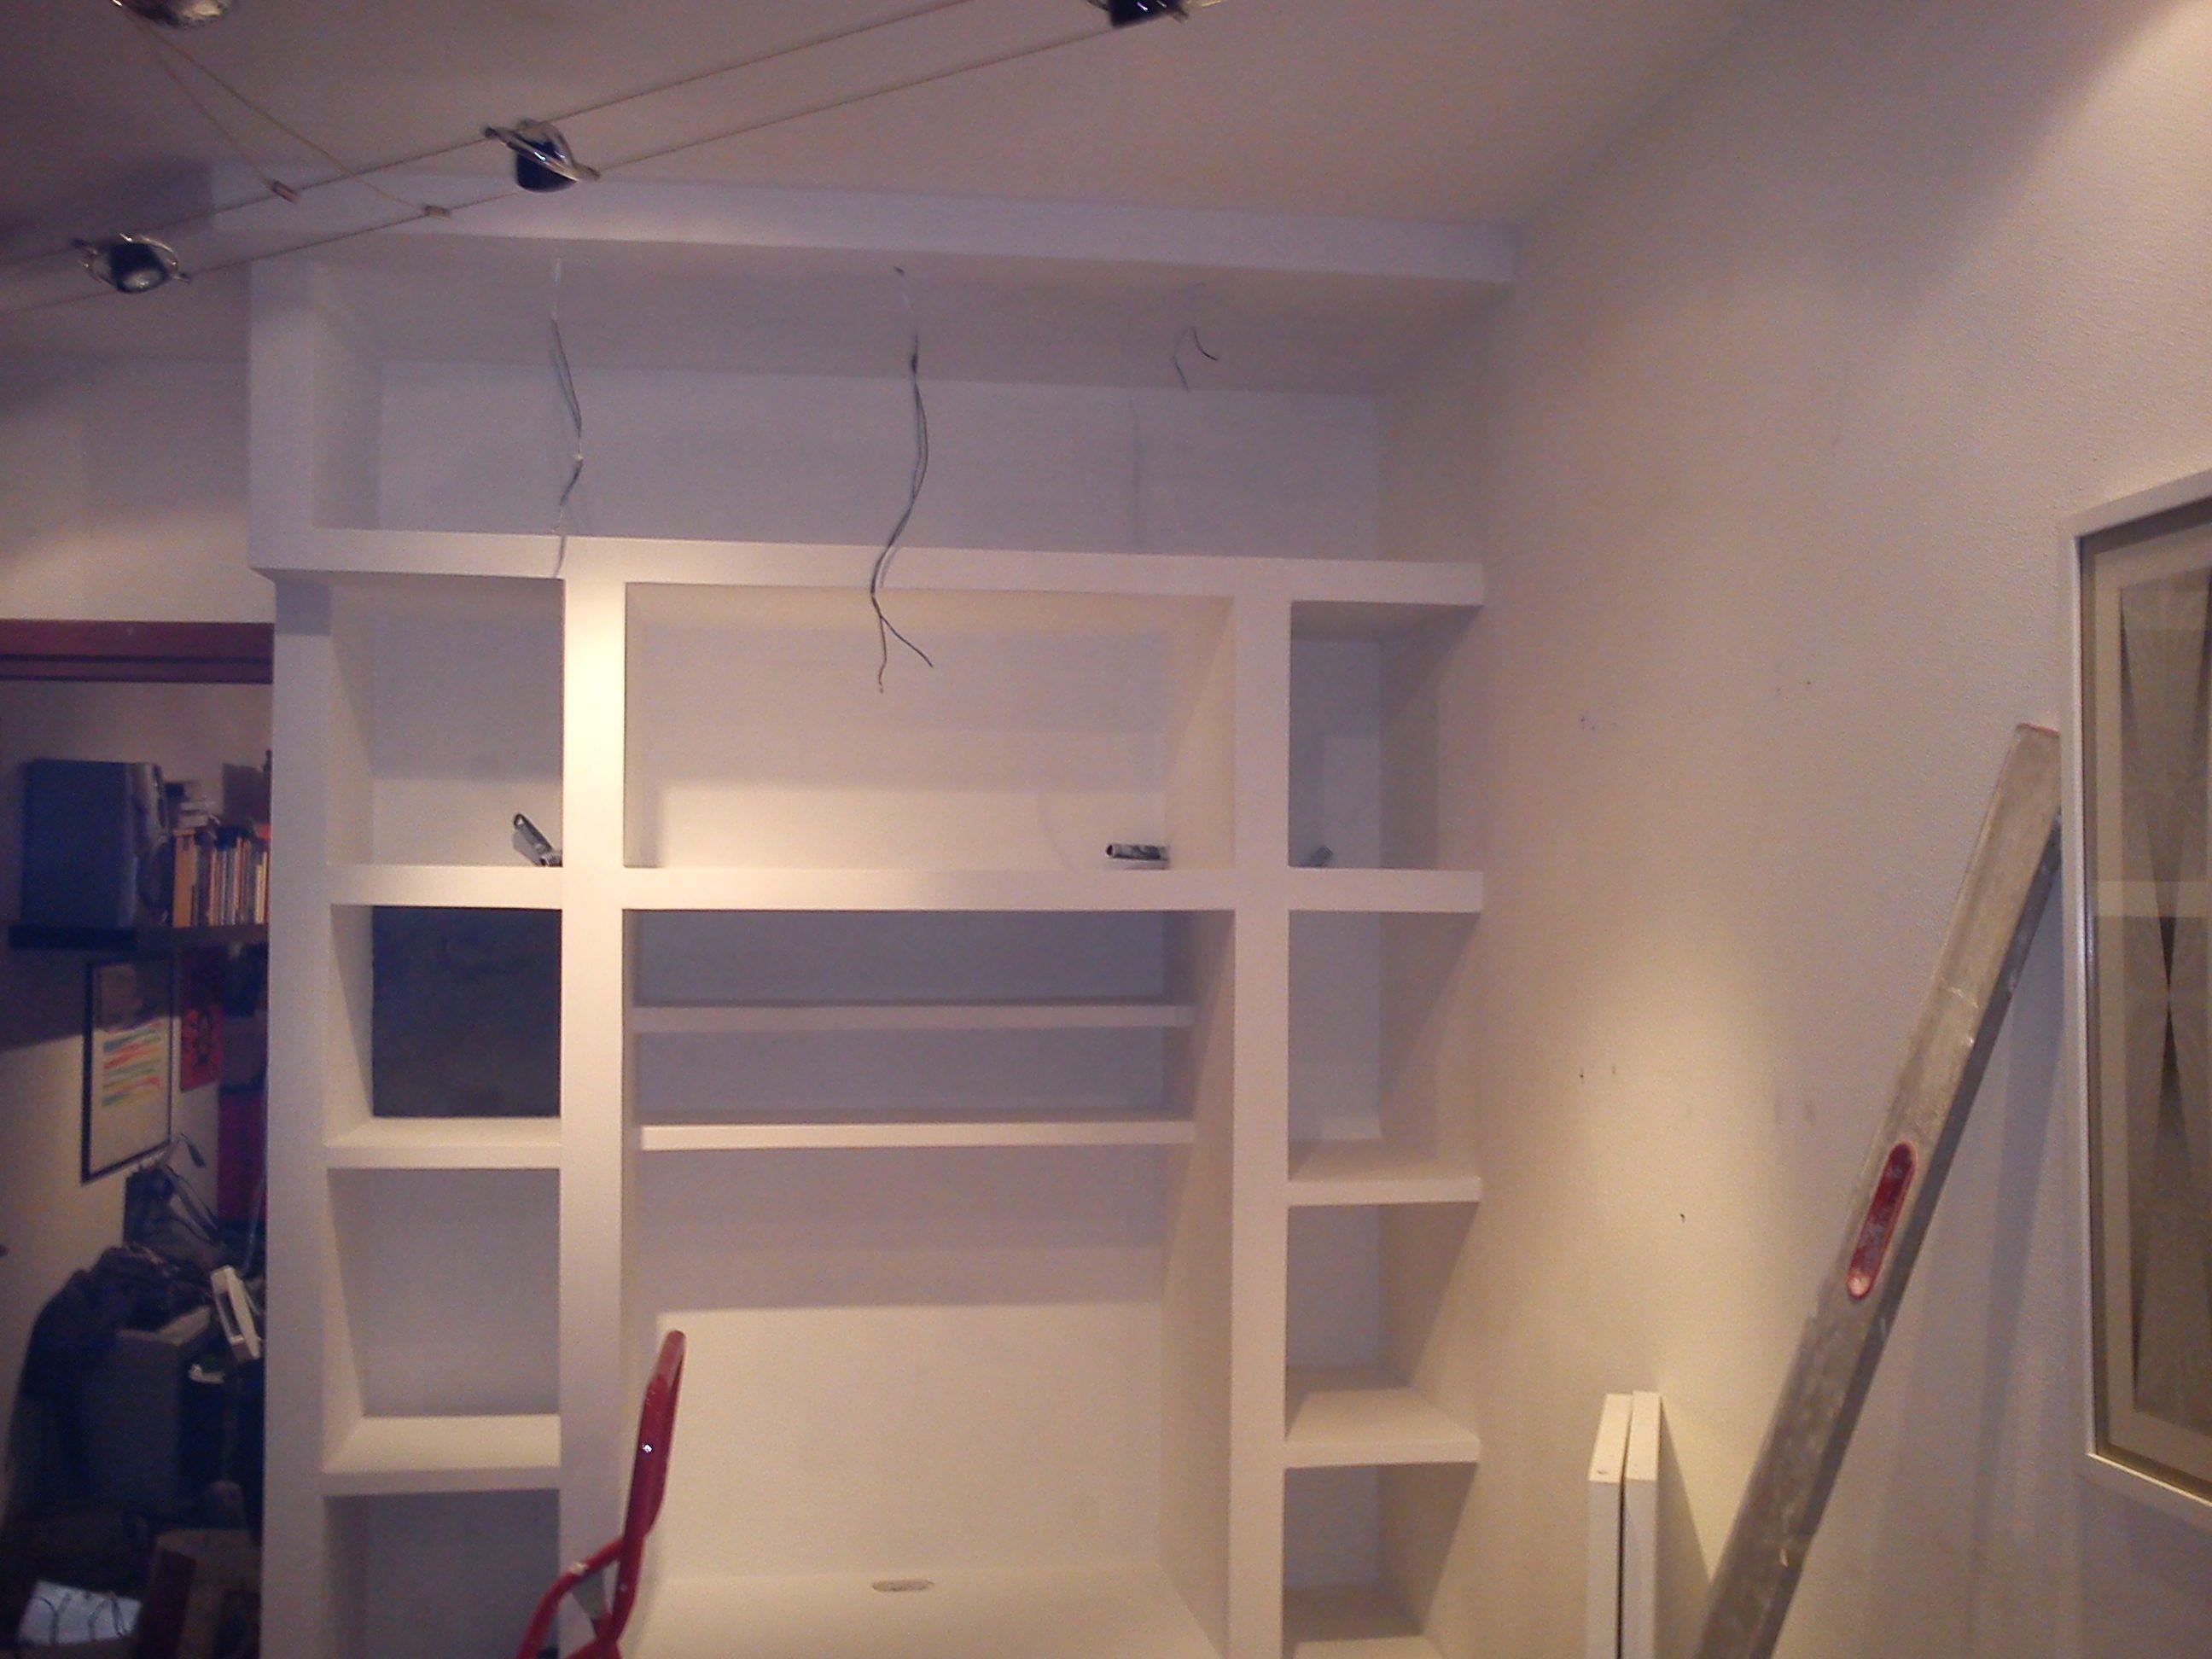 Armadio in cartongesso idee x casa pinterest - Idee cabina armadio in cartongesso ...